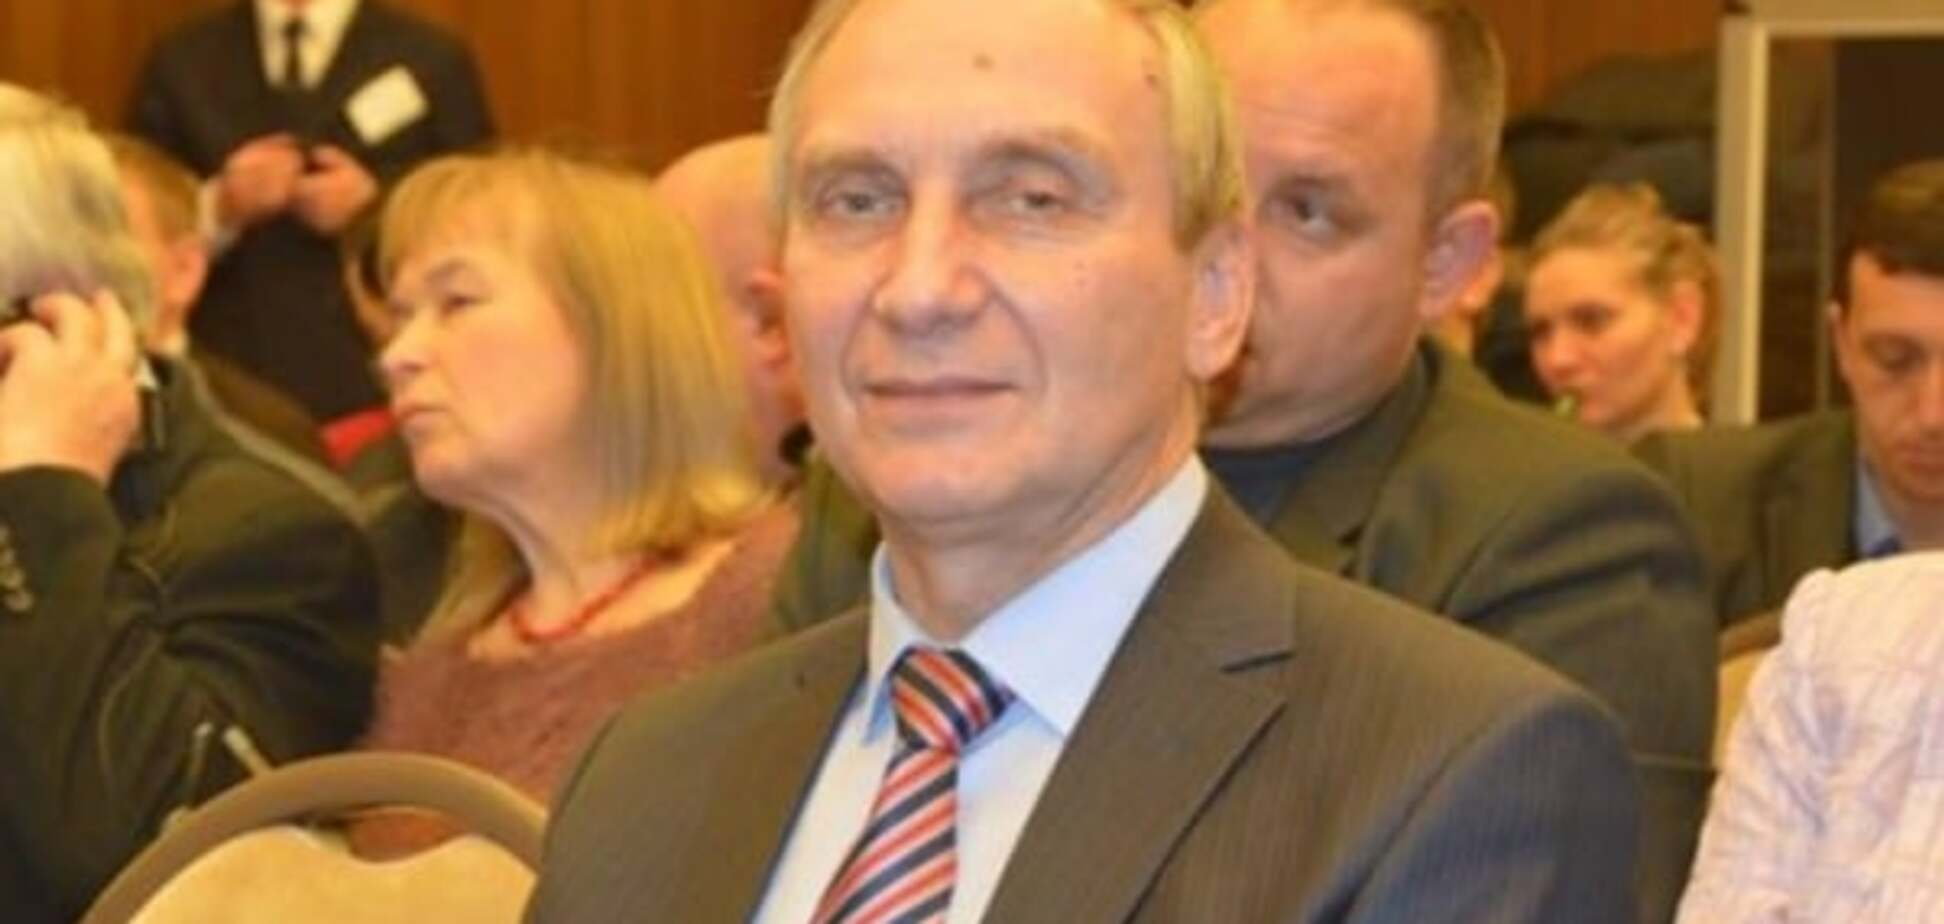 Террористы 'ДНР' похитили известного ученого - Казанский